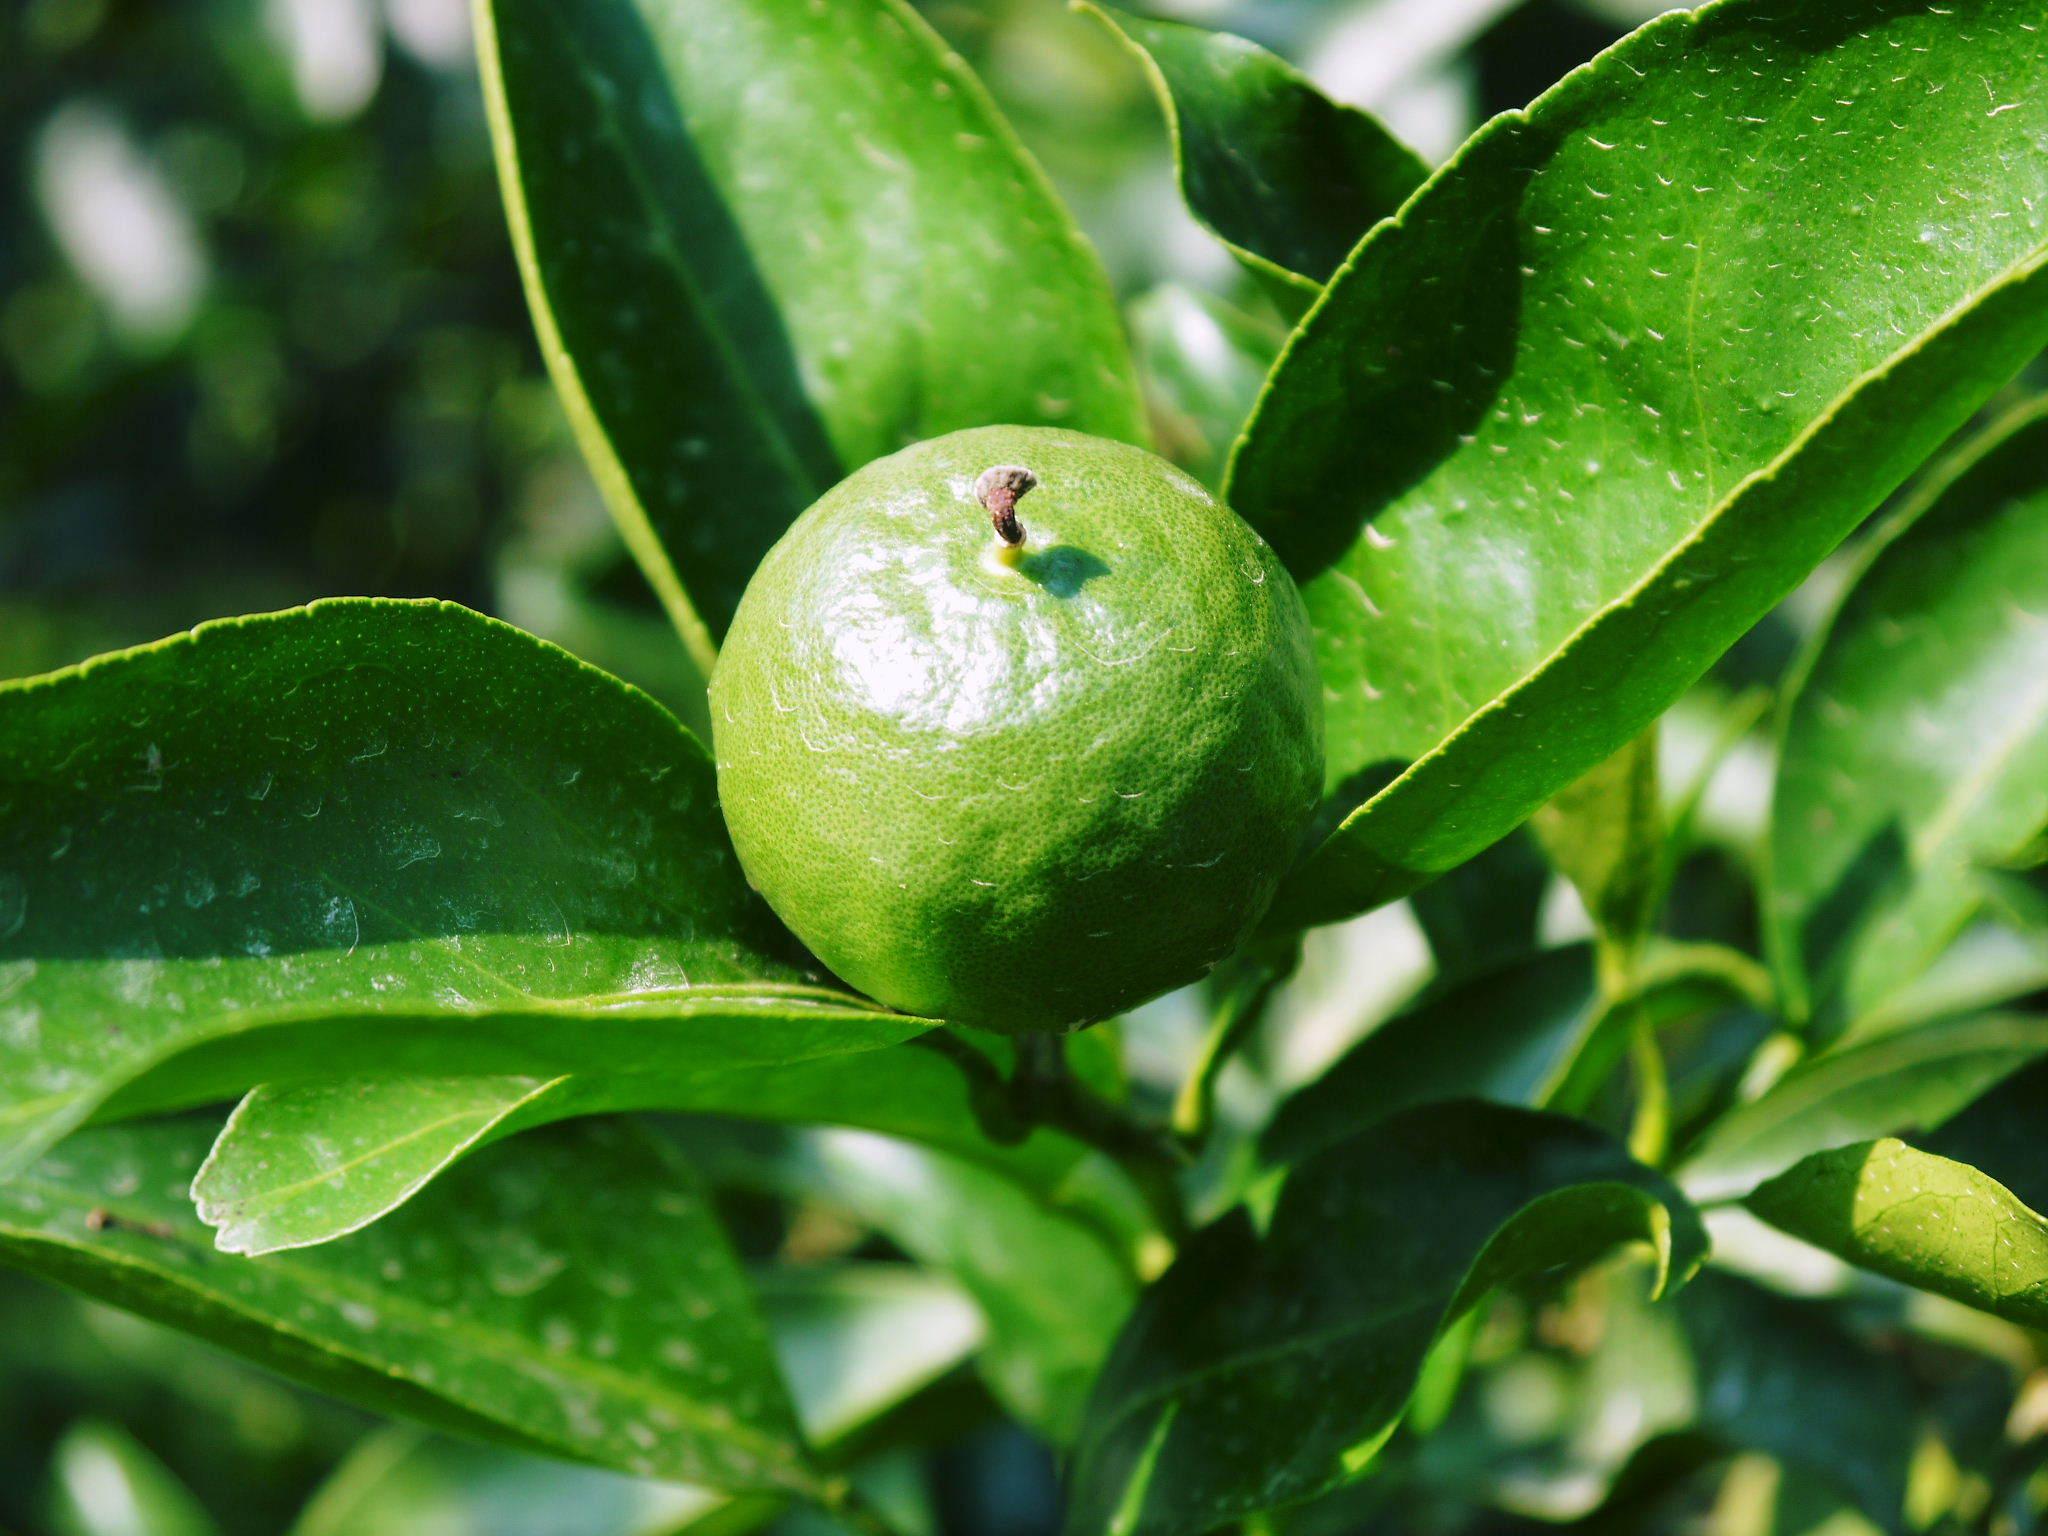 究極の柑橘『せとか』 令和3年度の収穫に向け、着果後の成長の様子を現地取材 してきました!_a0254656_19332012.jpg